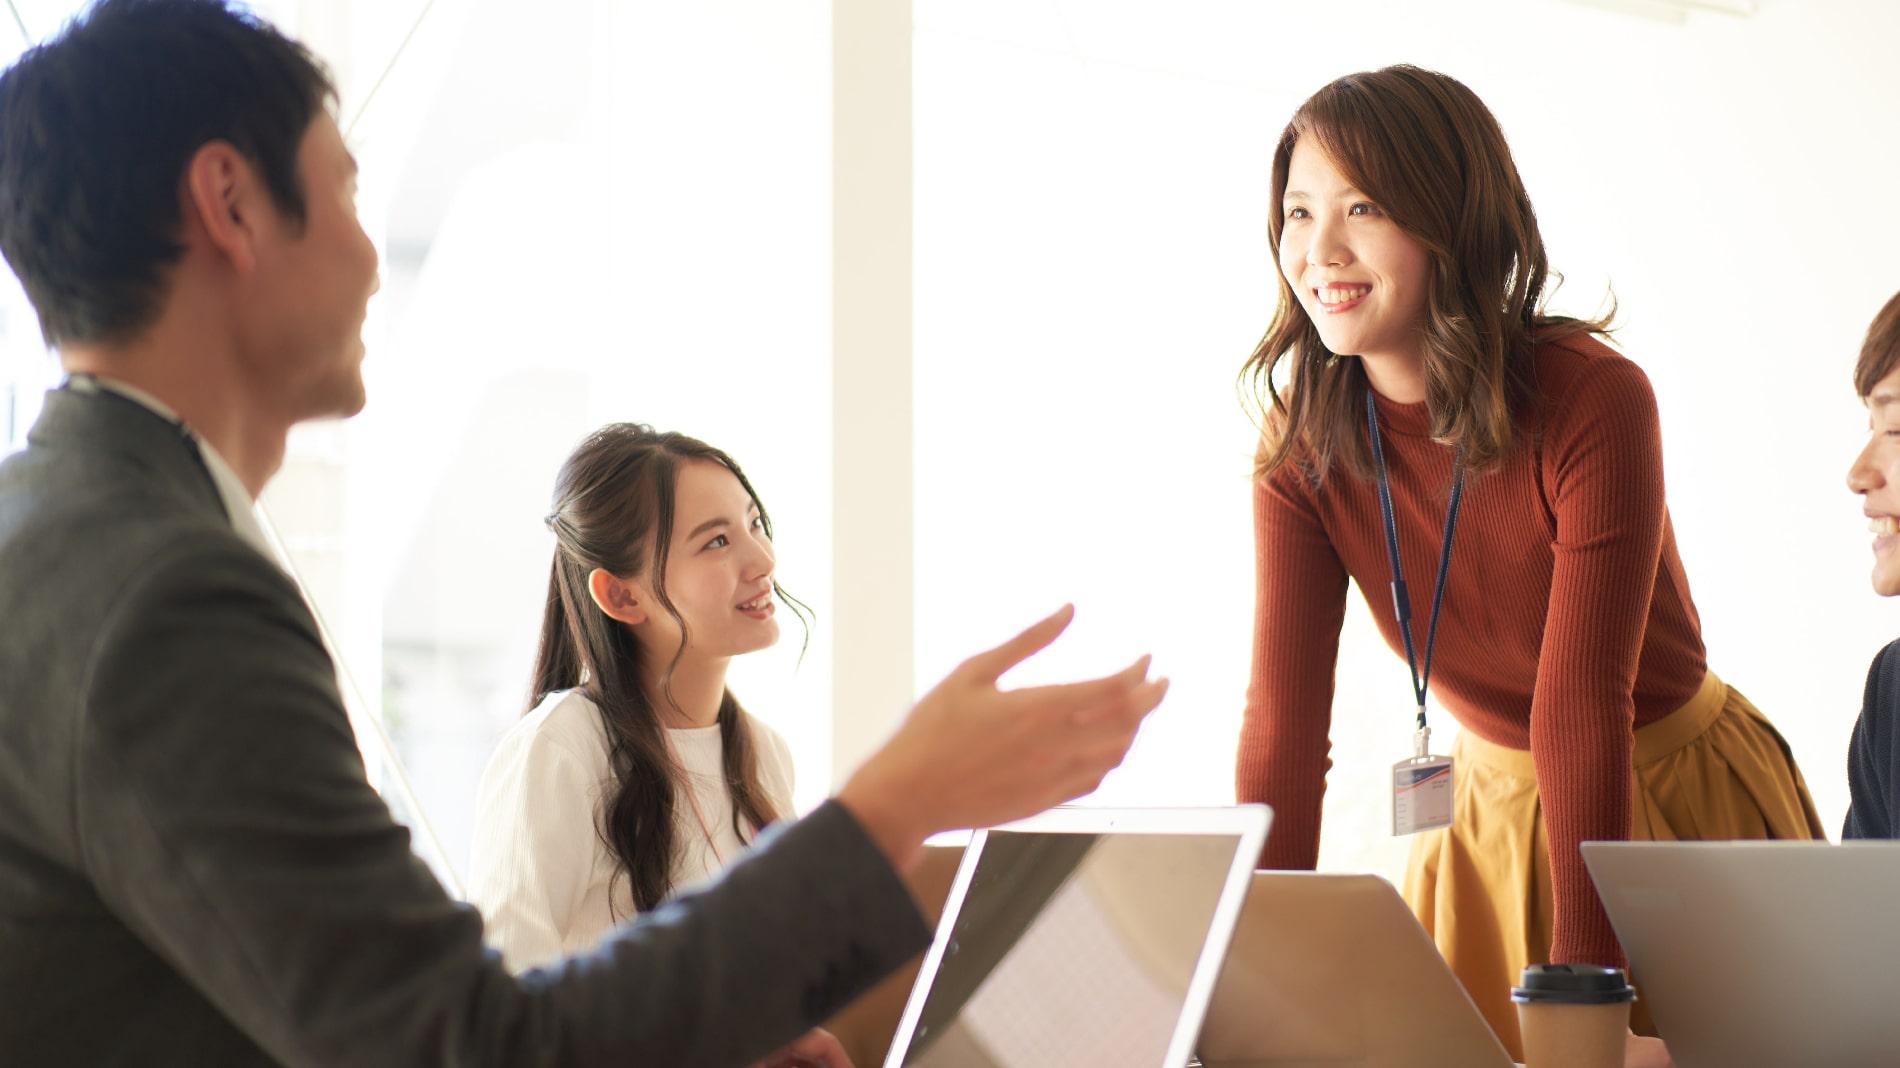 地域づくりのリーダーとして必要な資質とは。 講義で考え方を学び、ワークショップで体感・実感